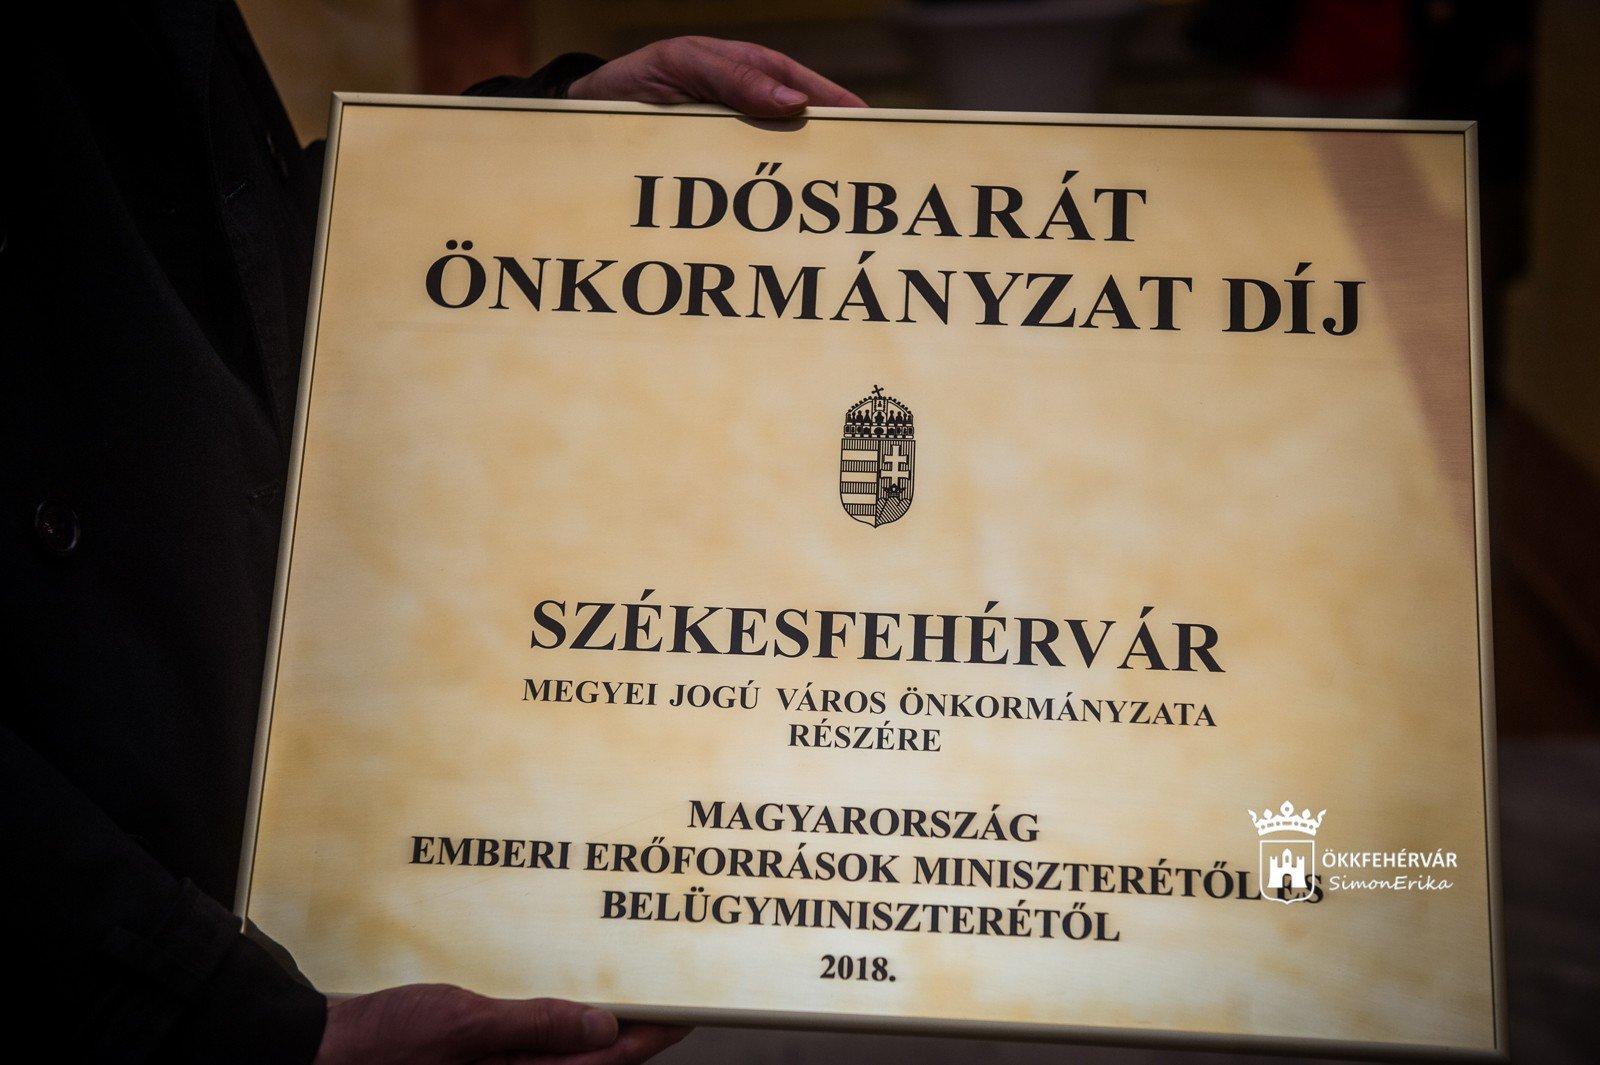 Idősbarát Önkormányzat - Székesfehérvár is miniszteri elismerésben részesült